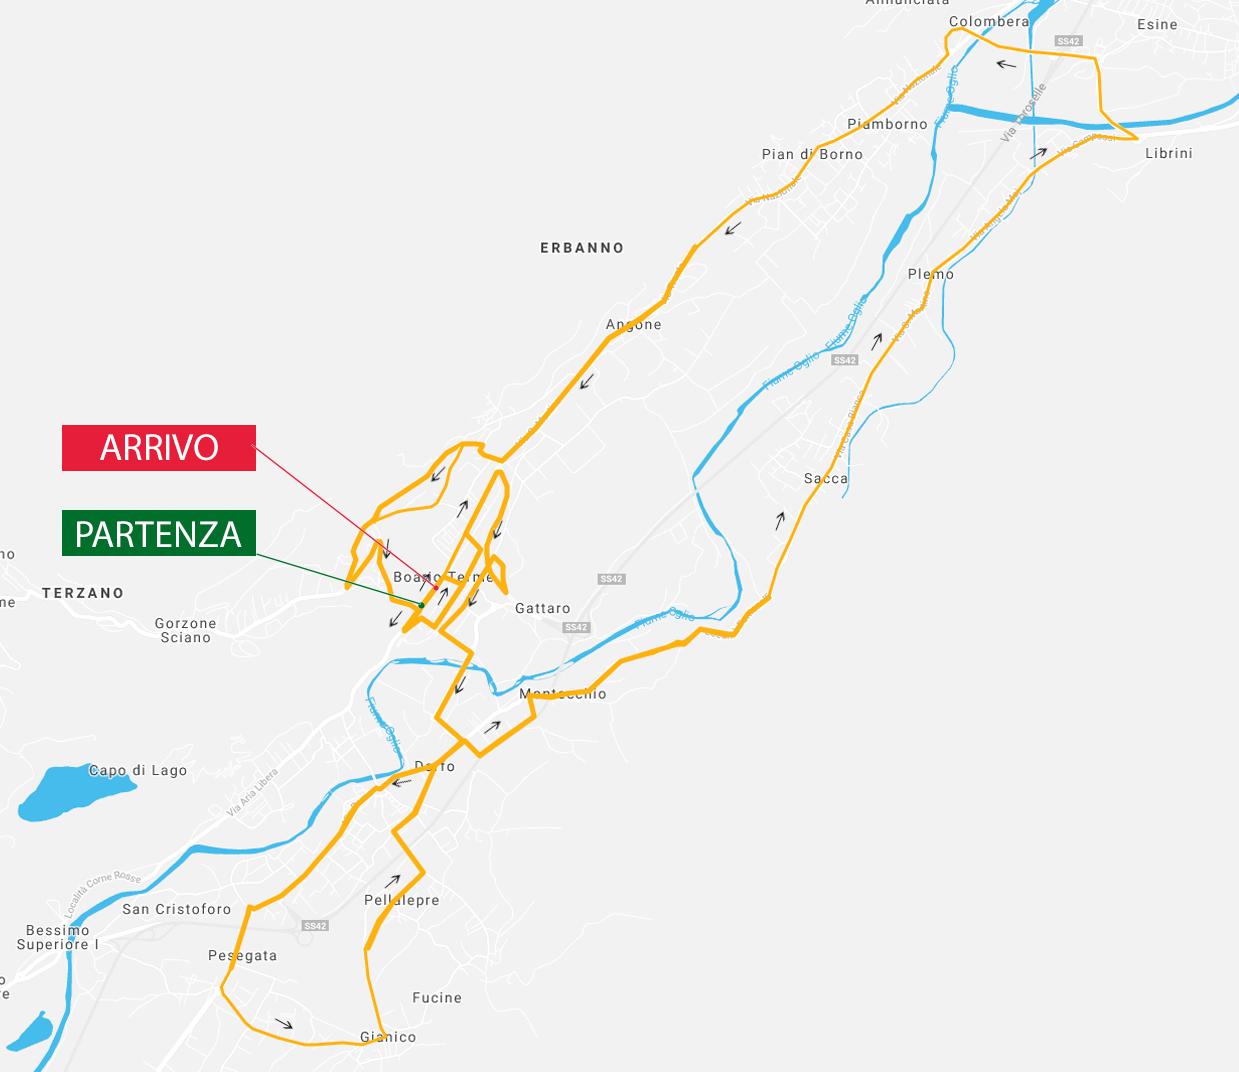 Planimetria Campionati italiani ciclismo 2021 Boario Terme Juniore